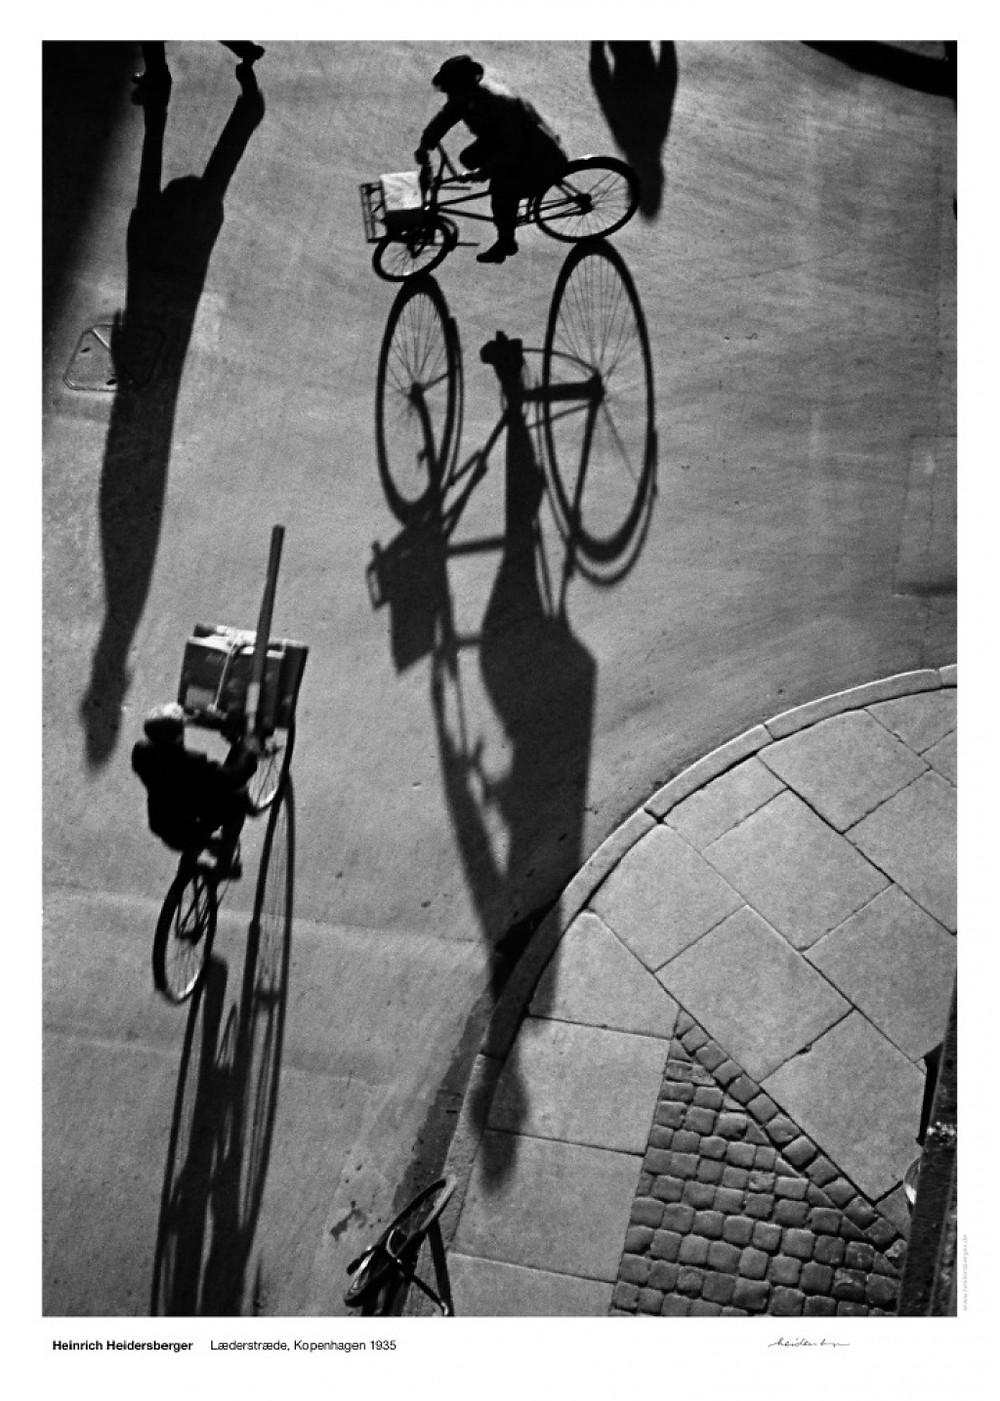 Heinrich Heidersberger 1935 ciclistas na Læderstræde, Kopenhagen